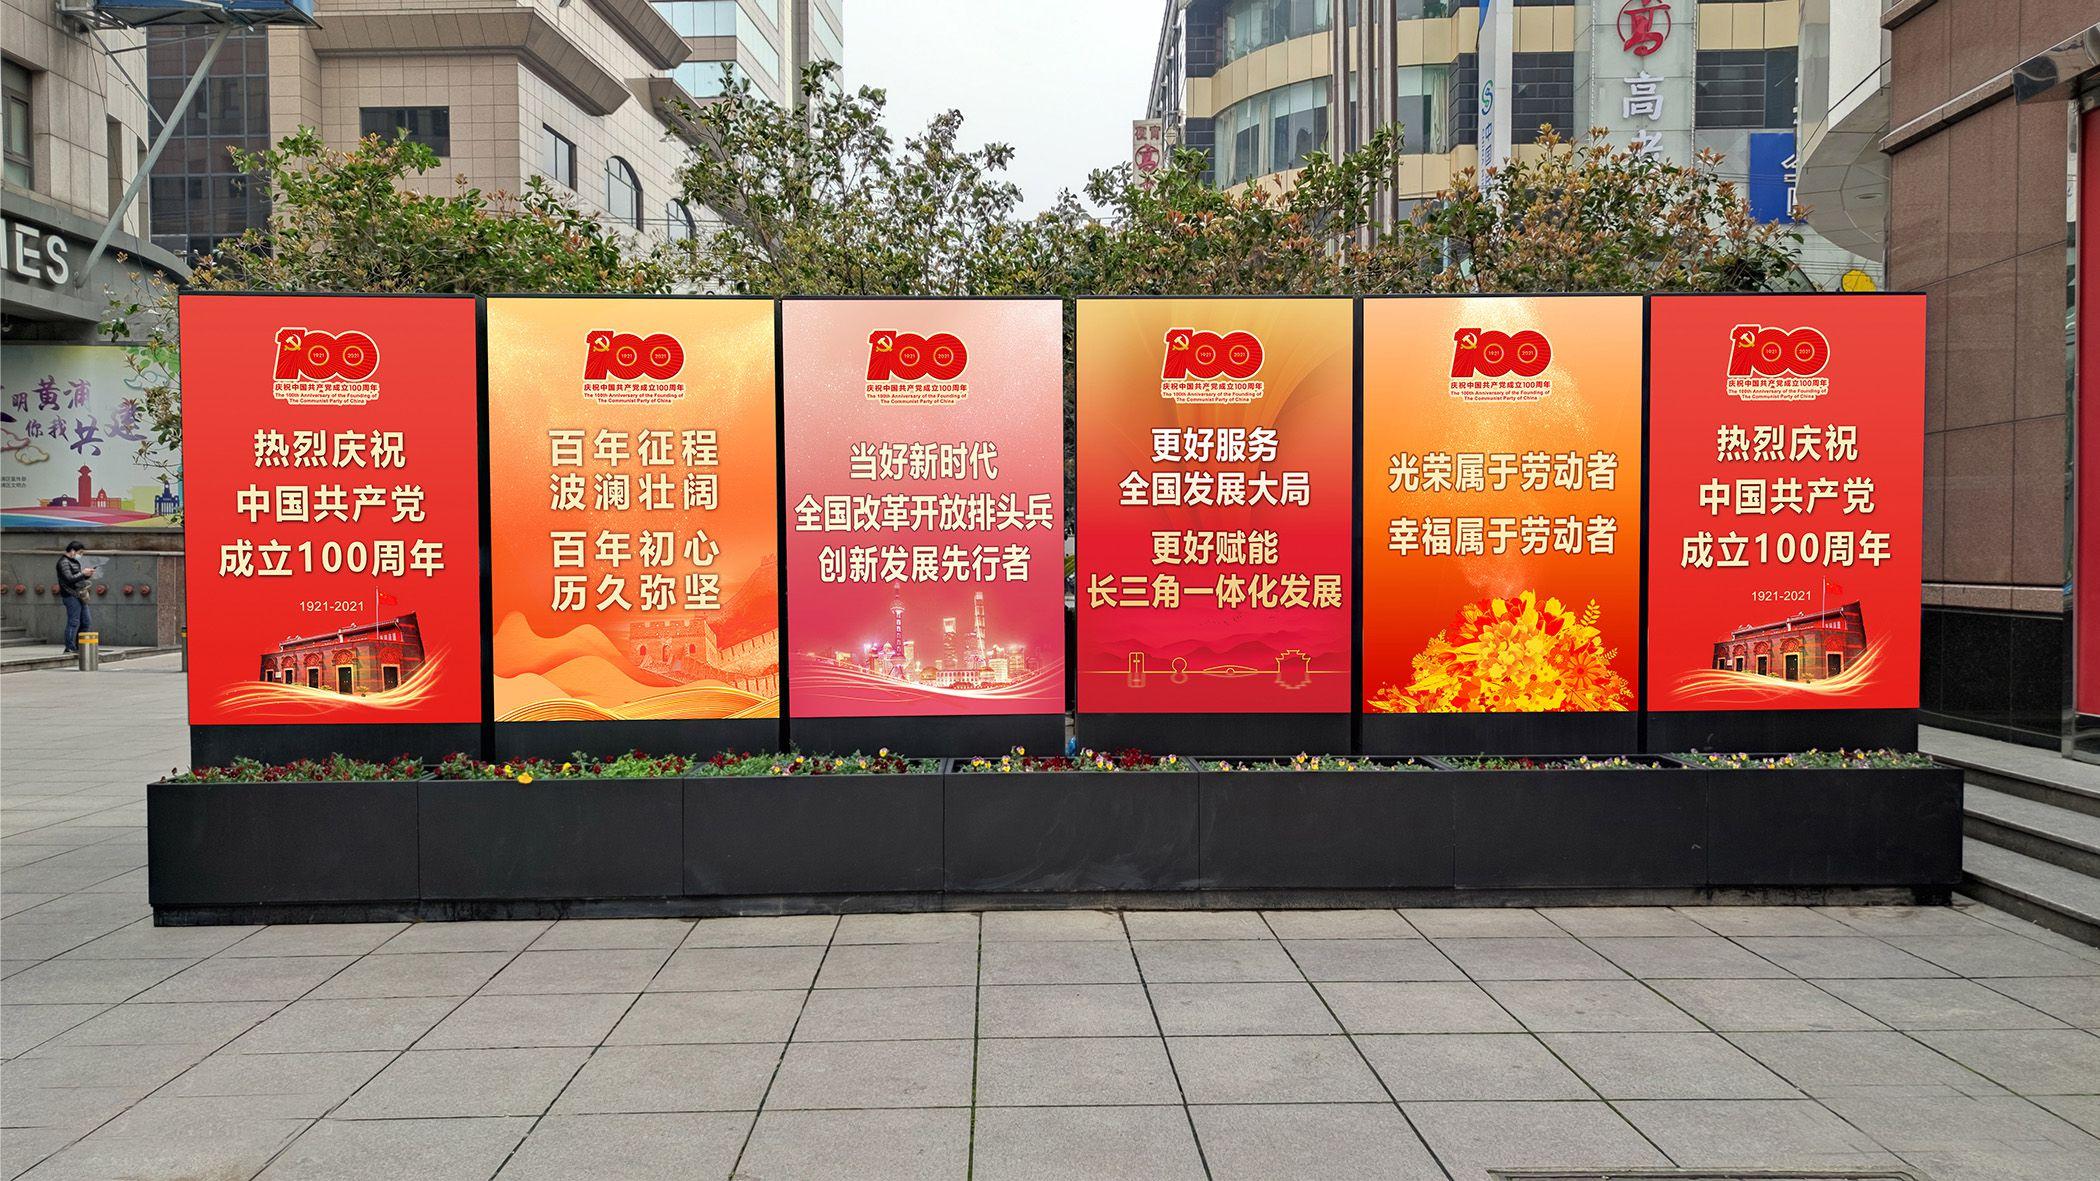 政府攜手升韻 用公益廣告祝福中國共產黨成立100周年(圖2)